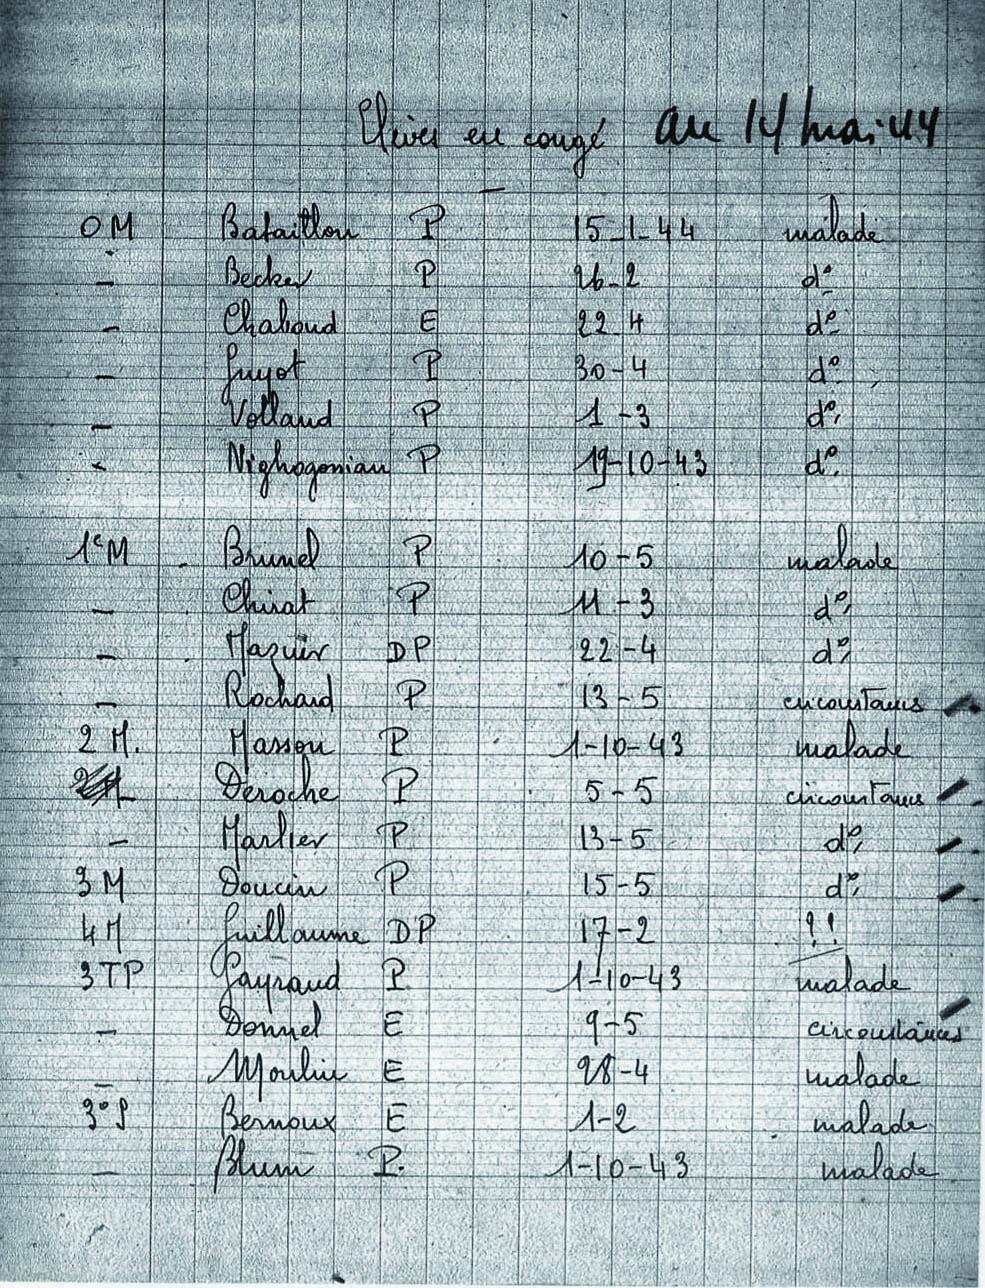 Liste d'élèves absents / 1944